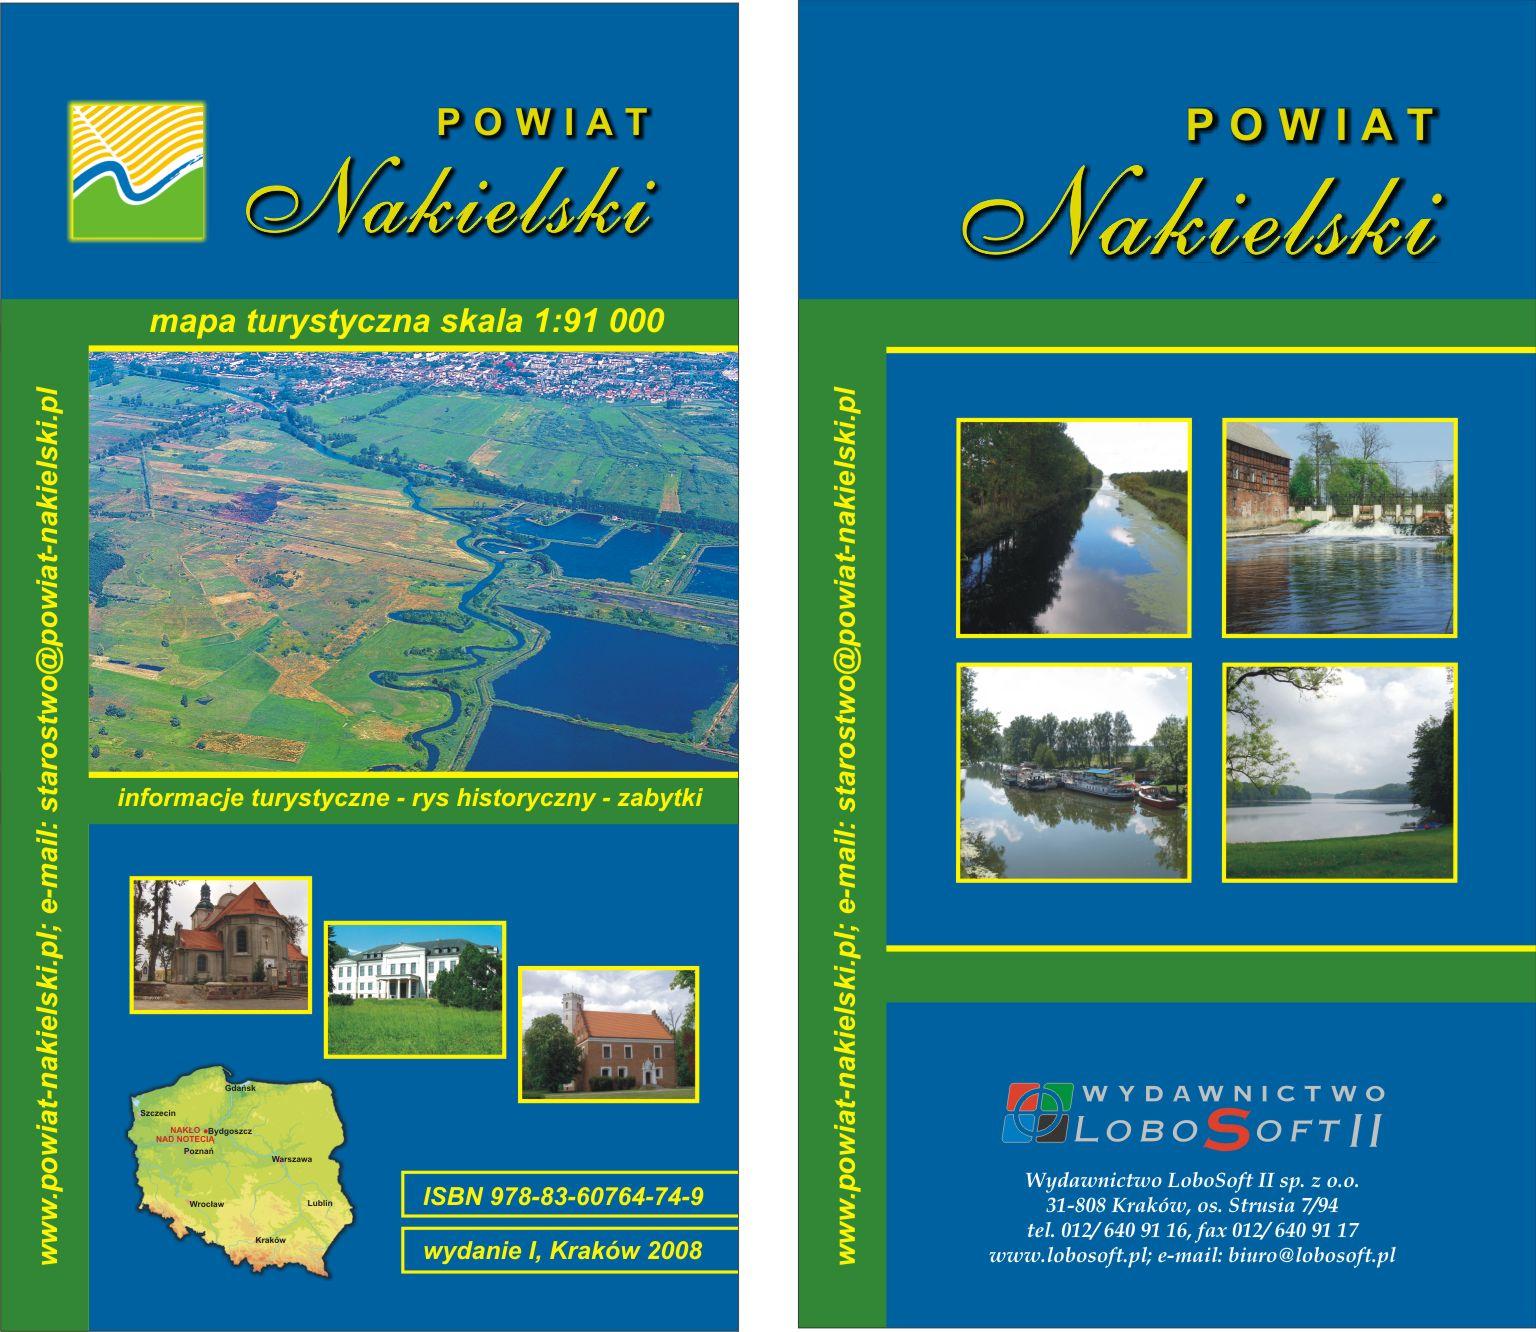 Mapa turystyczna Powiat Nakielski